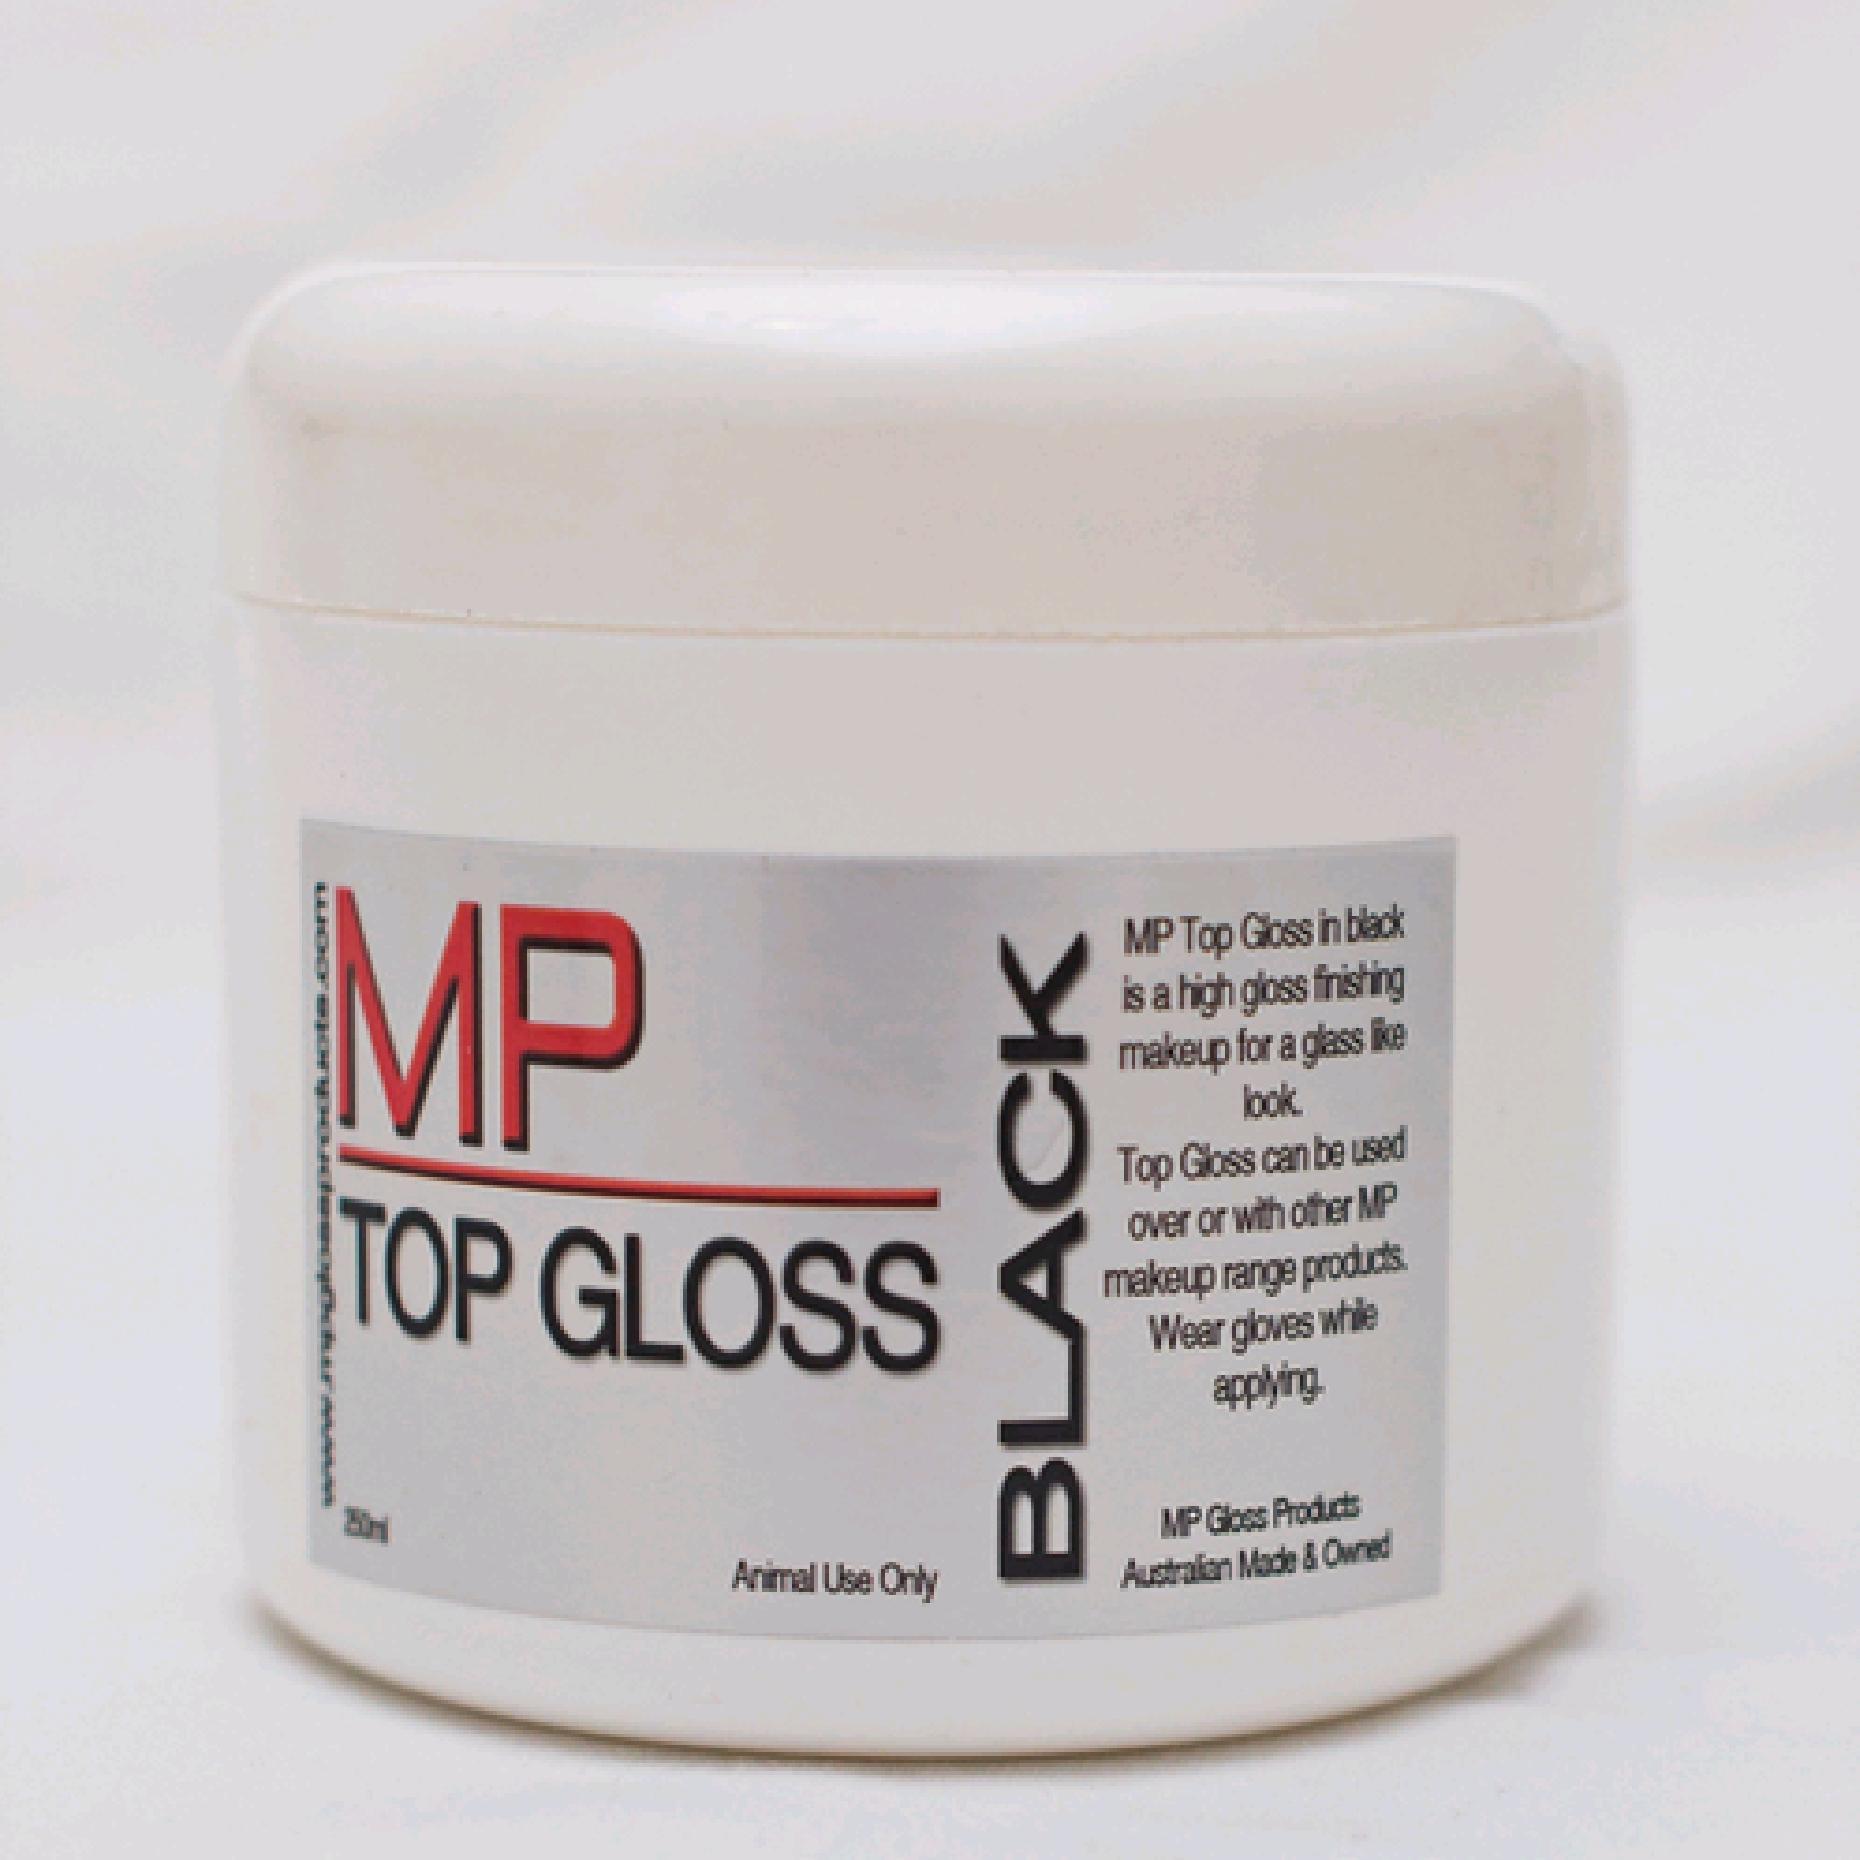 MP Top Gloss